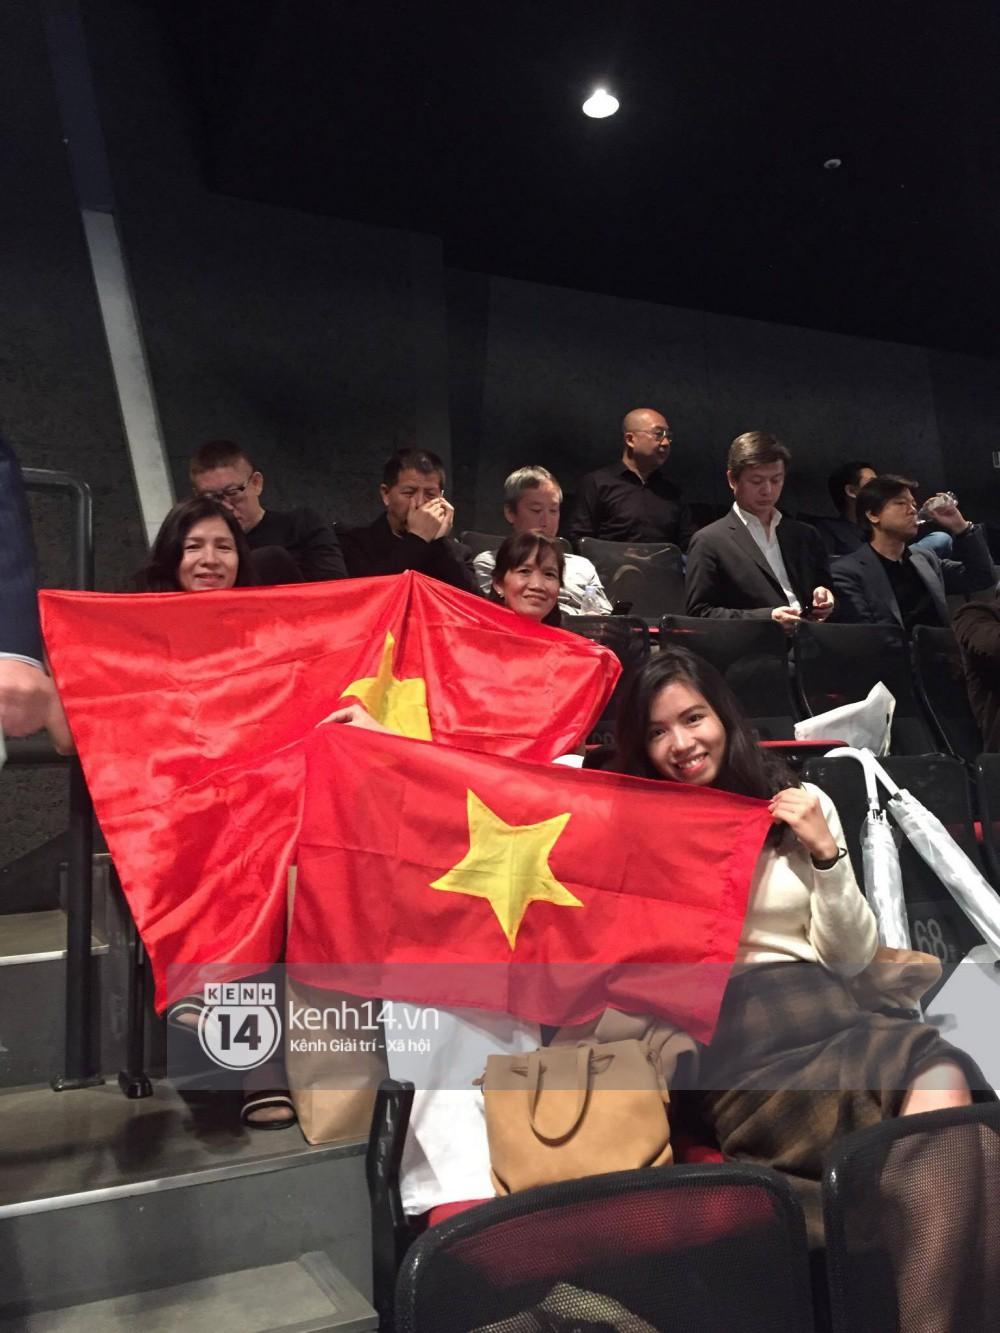 Cập nhật Chung kết Miss International 2017: Thùy Dung tự tin khoe hình thể quyến rũ trong trang phục áo tắm - Ảnh 1.